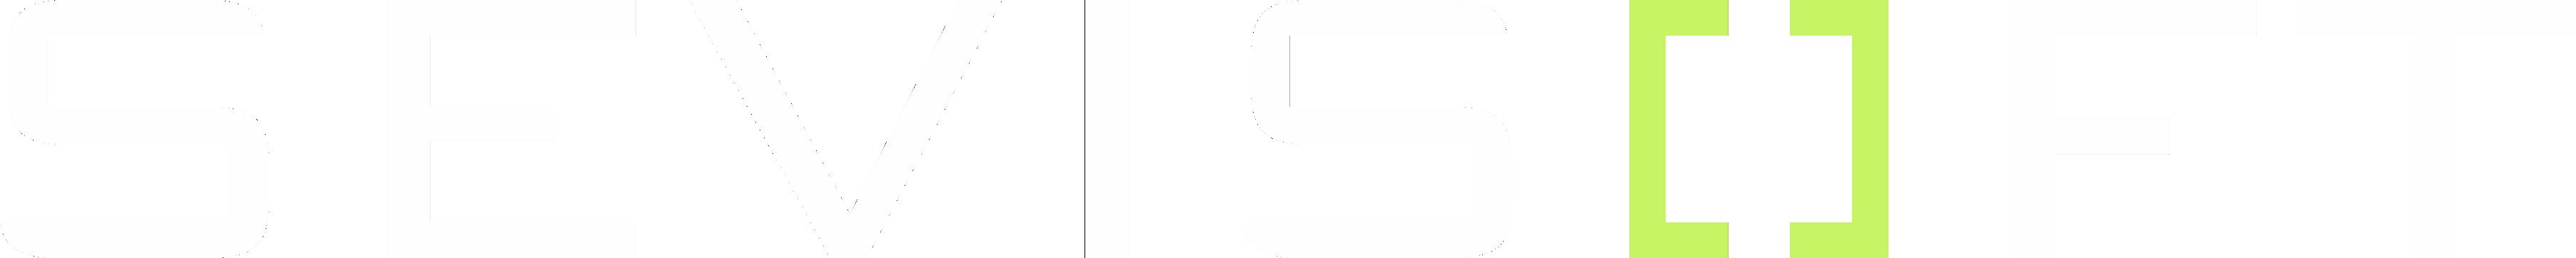 Agencja interaktywna, pozycjonowanie i projektowanie stron